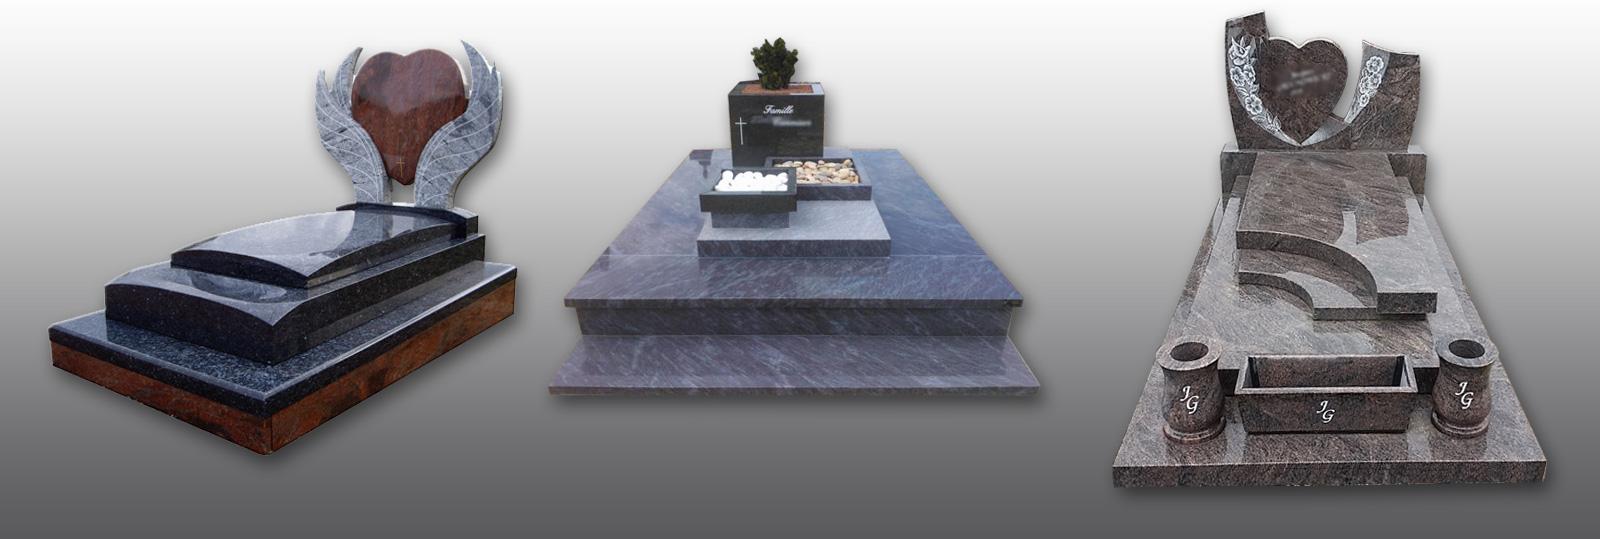 Consultez nos catalogues et découvrez nos réalisations de monuments.